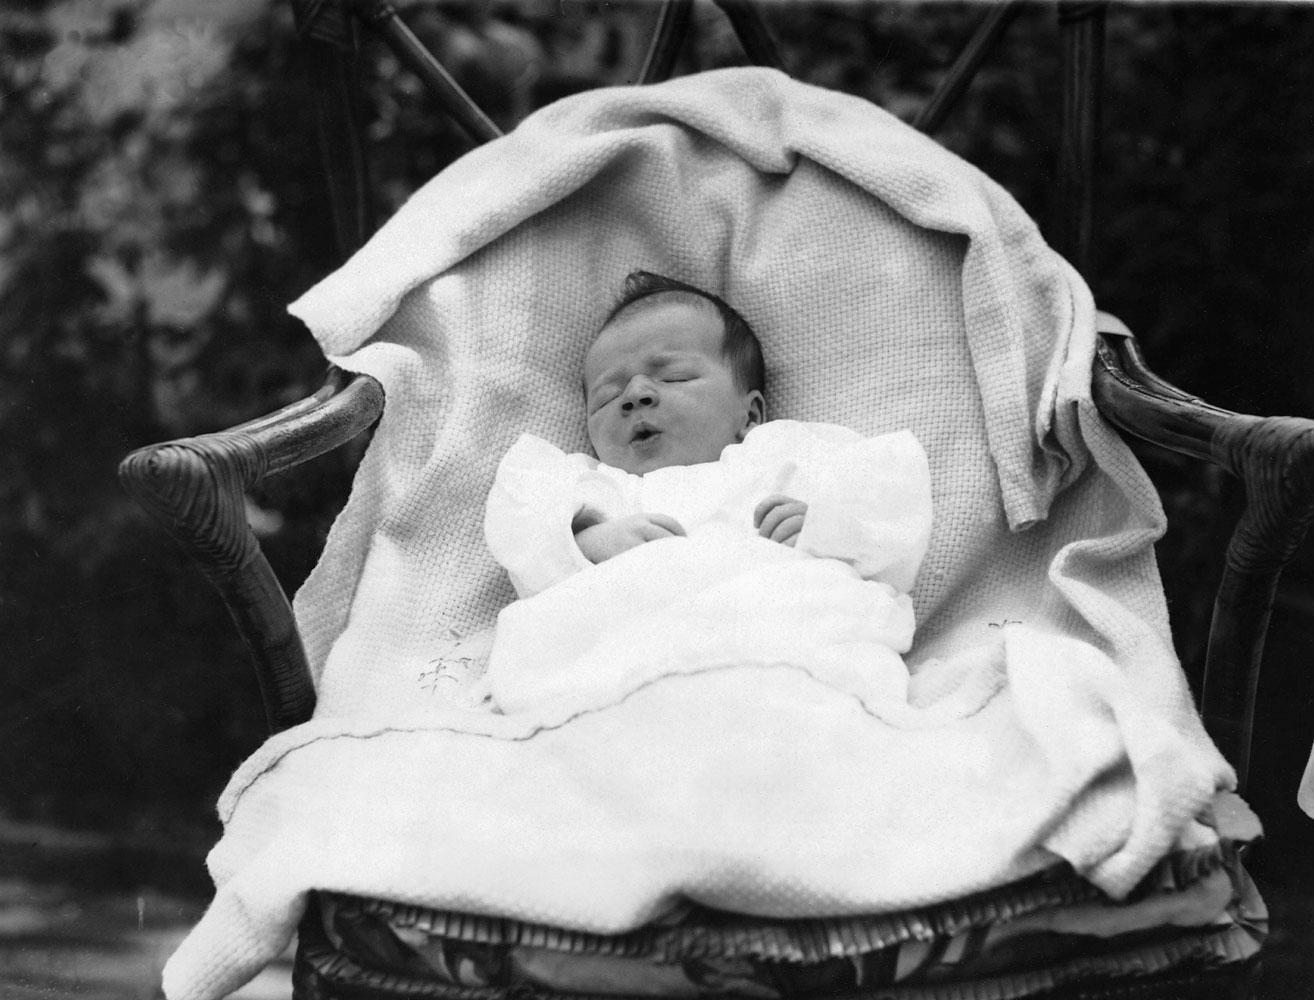 LE FILS DE CHARLES LINDBERGH AGE DE DEUX SEMAINES EN 1930